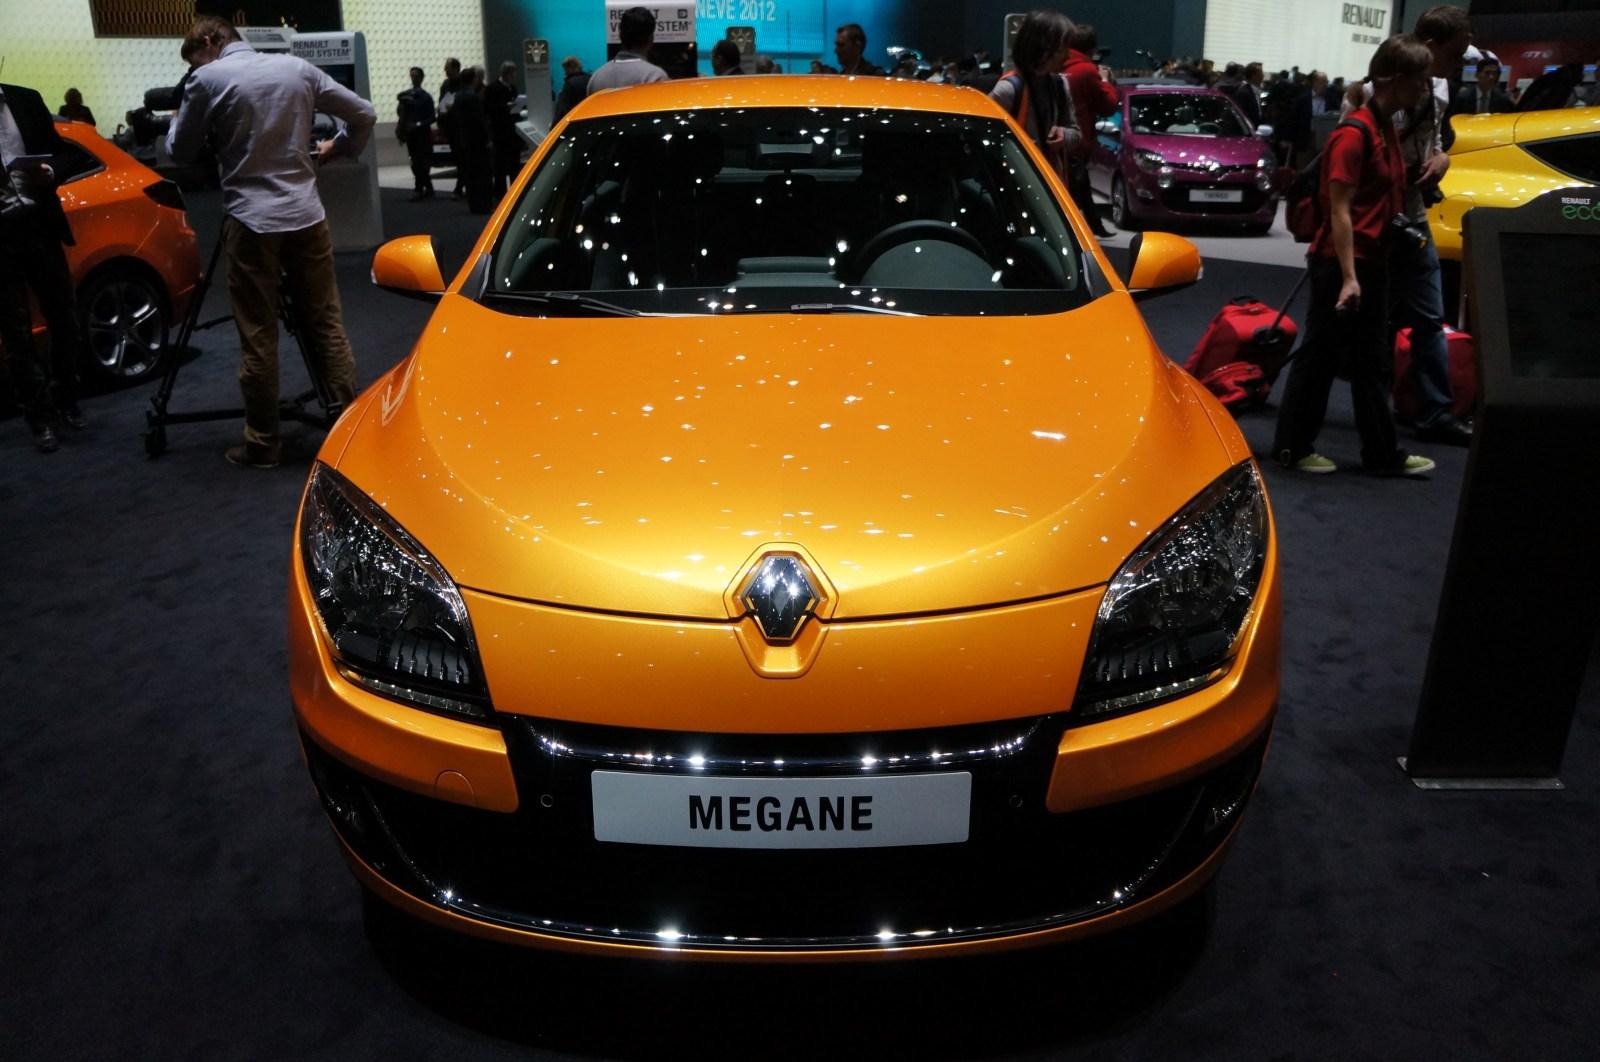 renault megane 2012 ahora mucho m s eficiente lista de carros. Black Bedroom Furniture Sets. Home Design Ideas